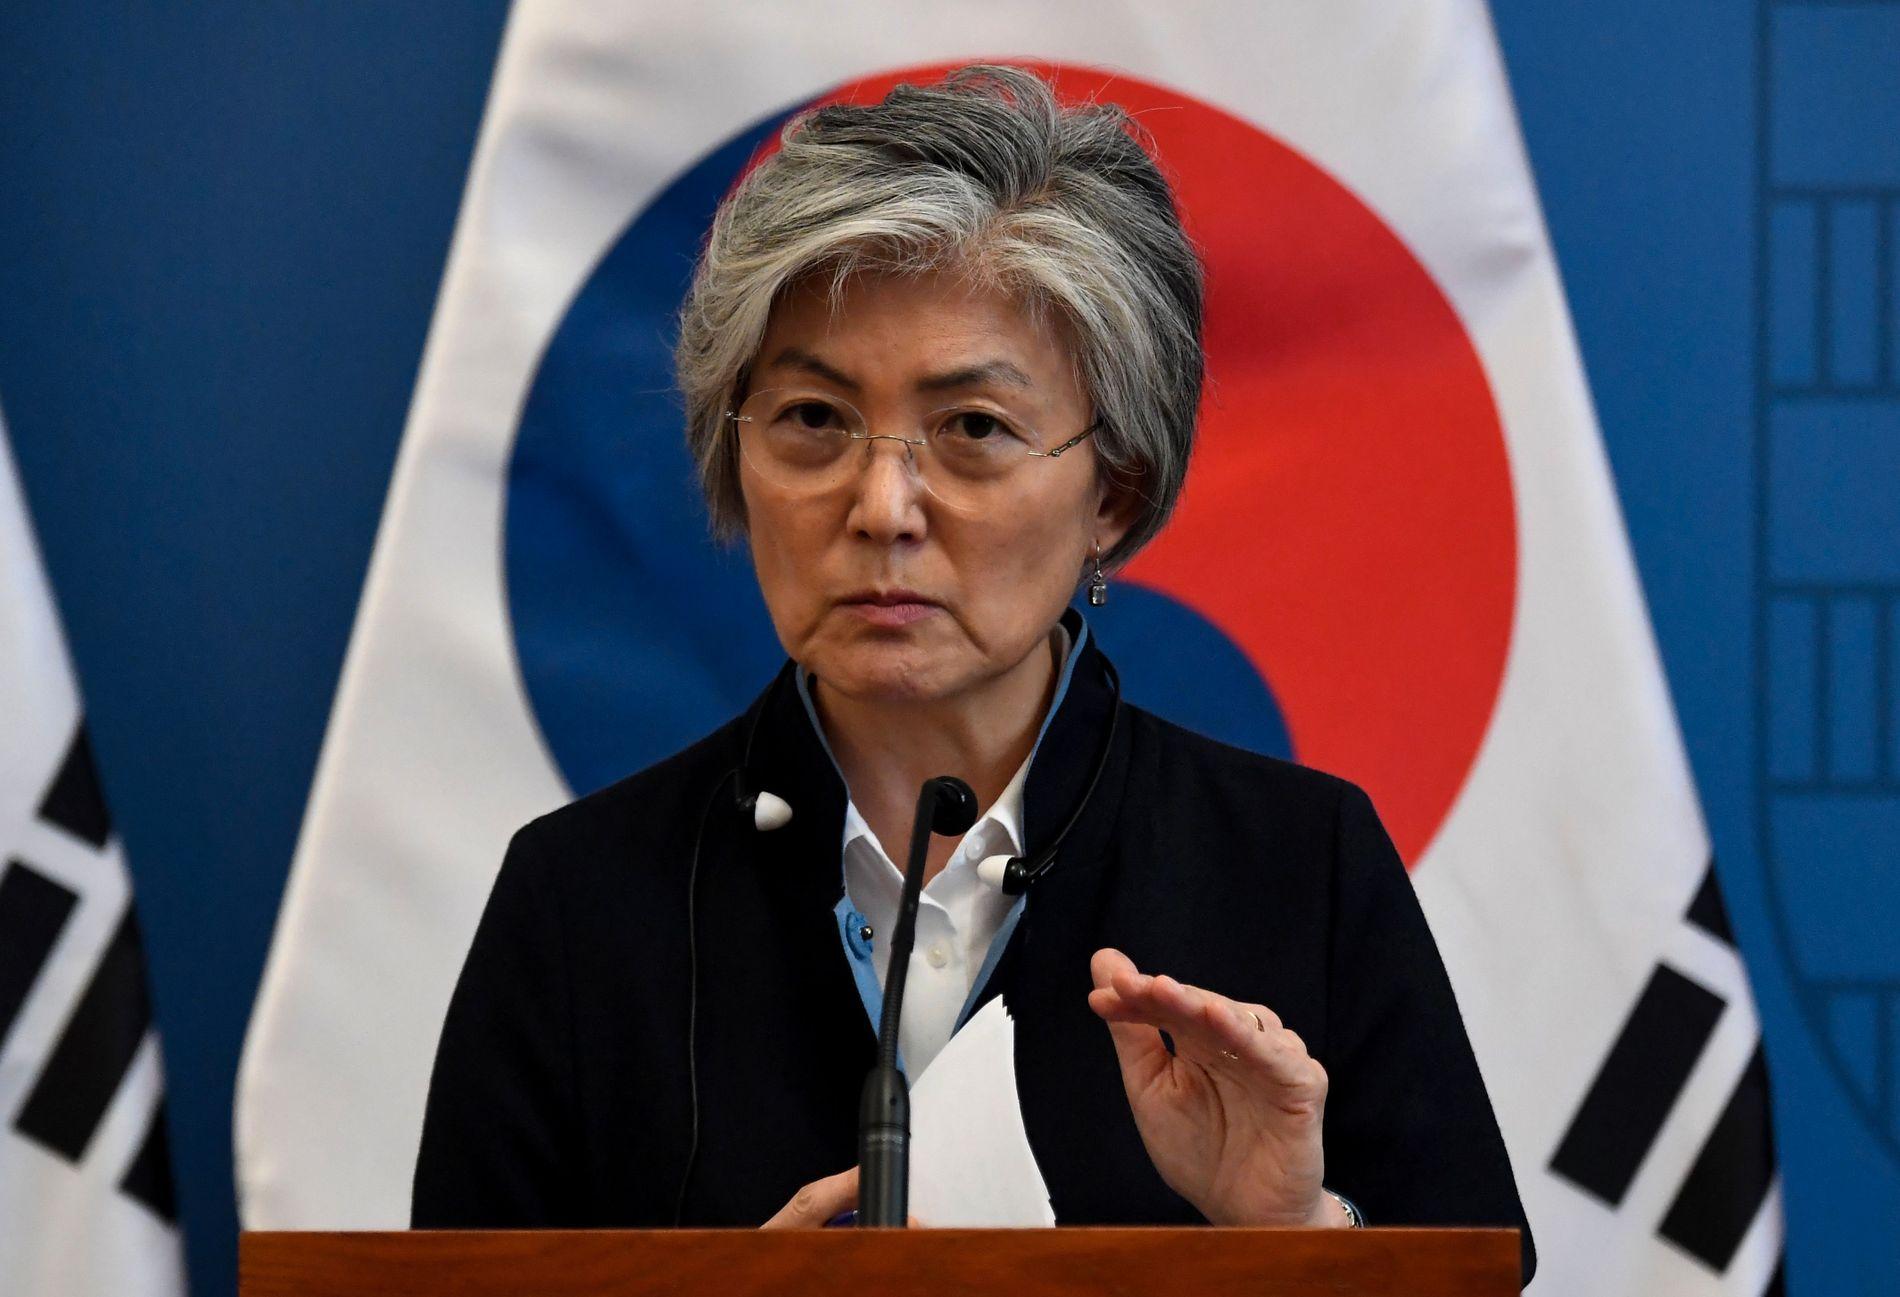 VIL HA FORTGANG: Den koreanske utenriksministeren Kang Kyung-wha vil ha båtvraket opp fra elvebunnen så fort som mulig.